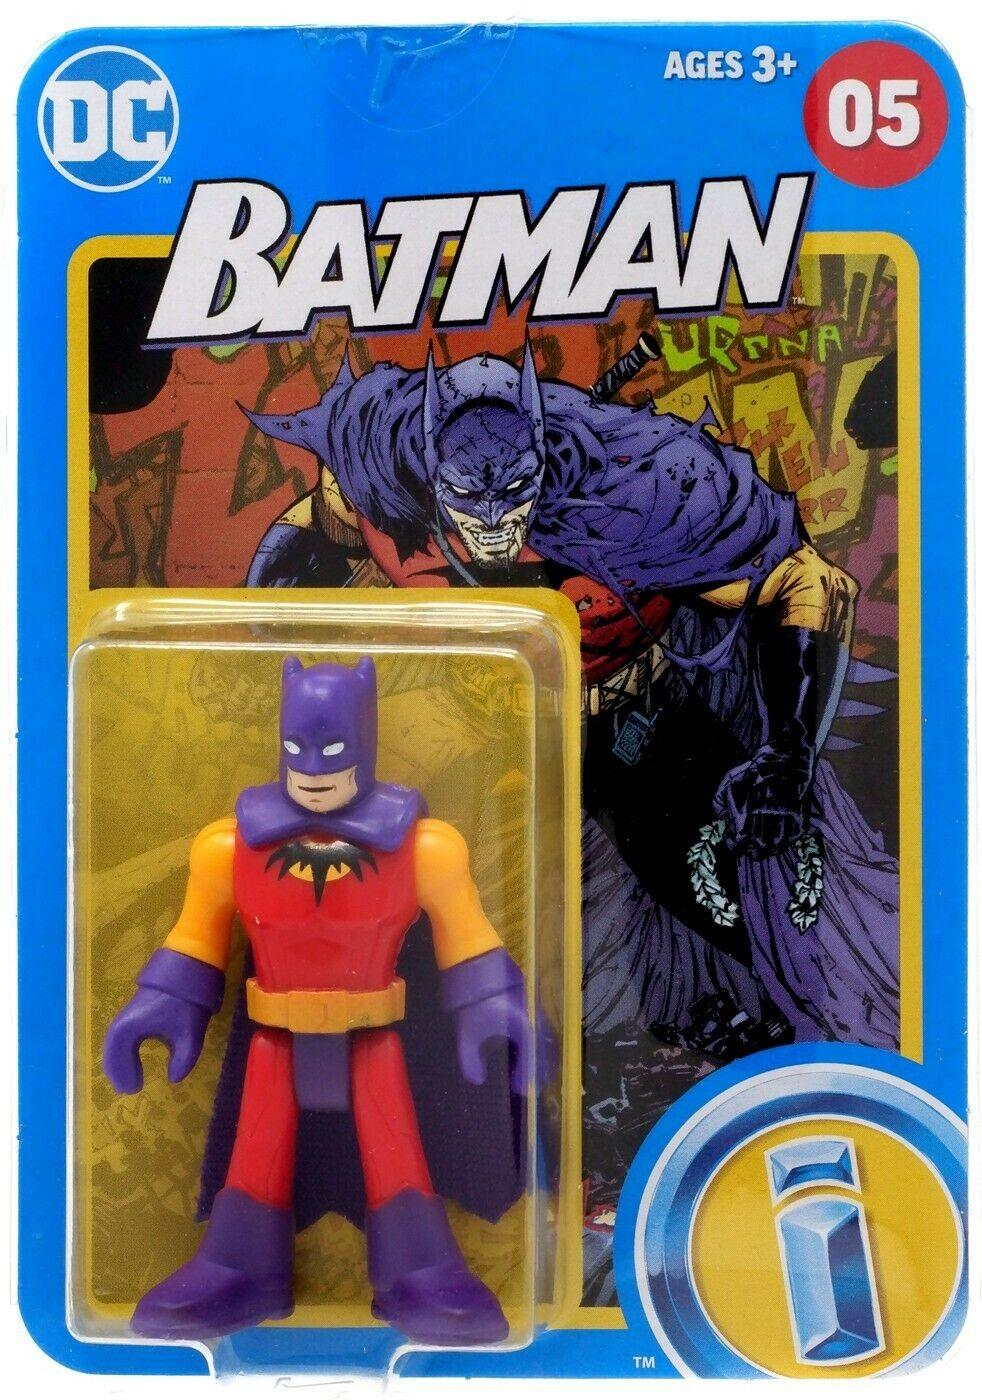 Zur-En-Arrh Batman (DC Super Friends Toy)